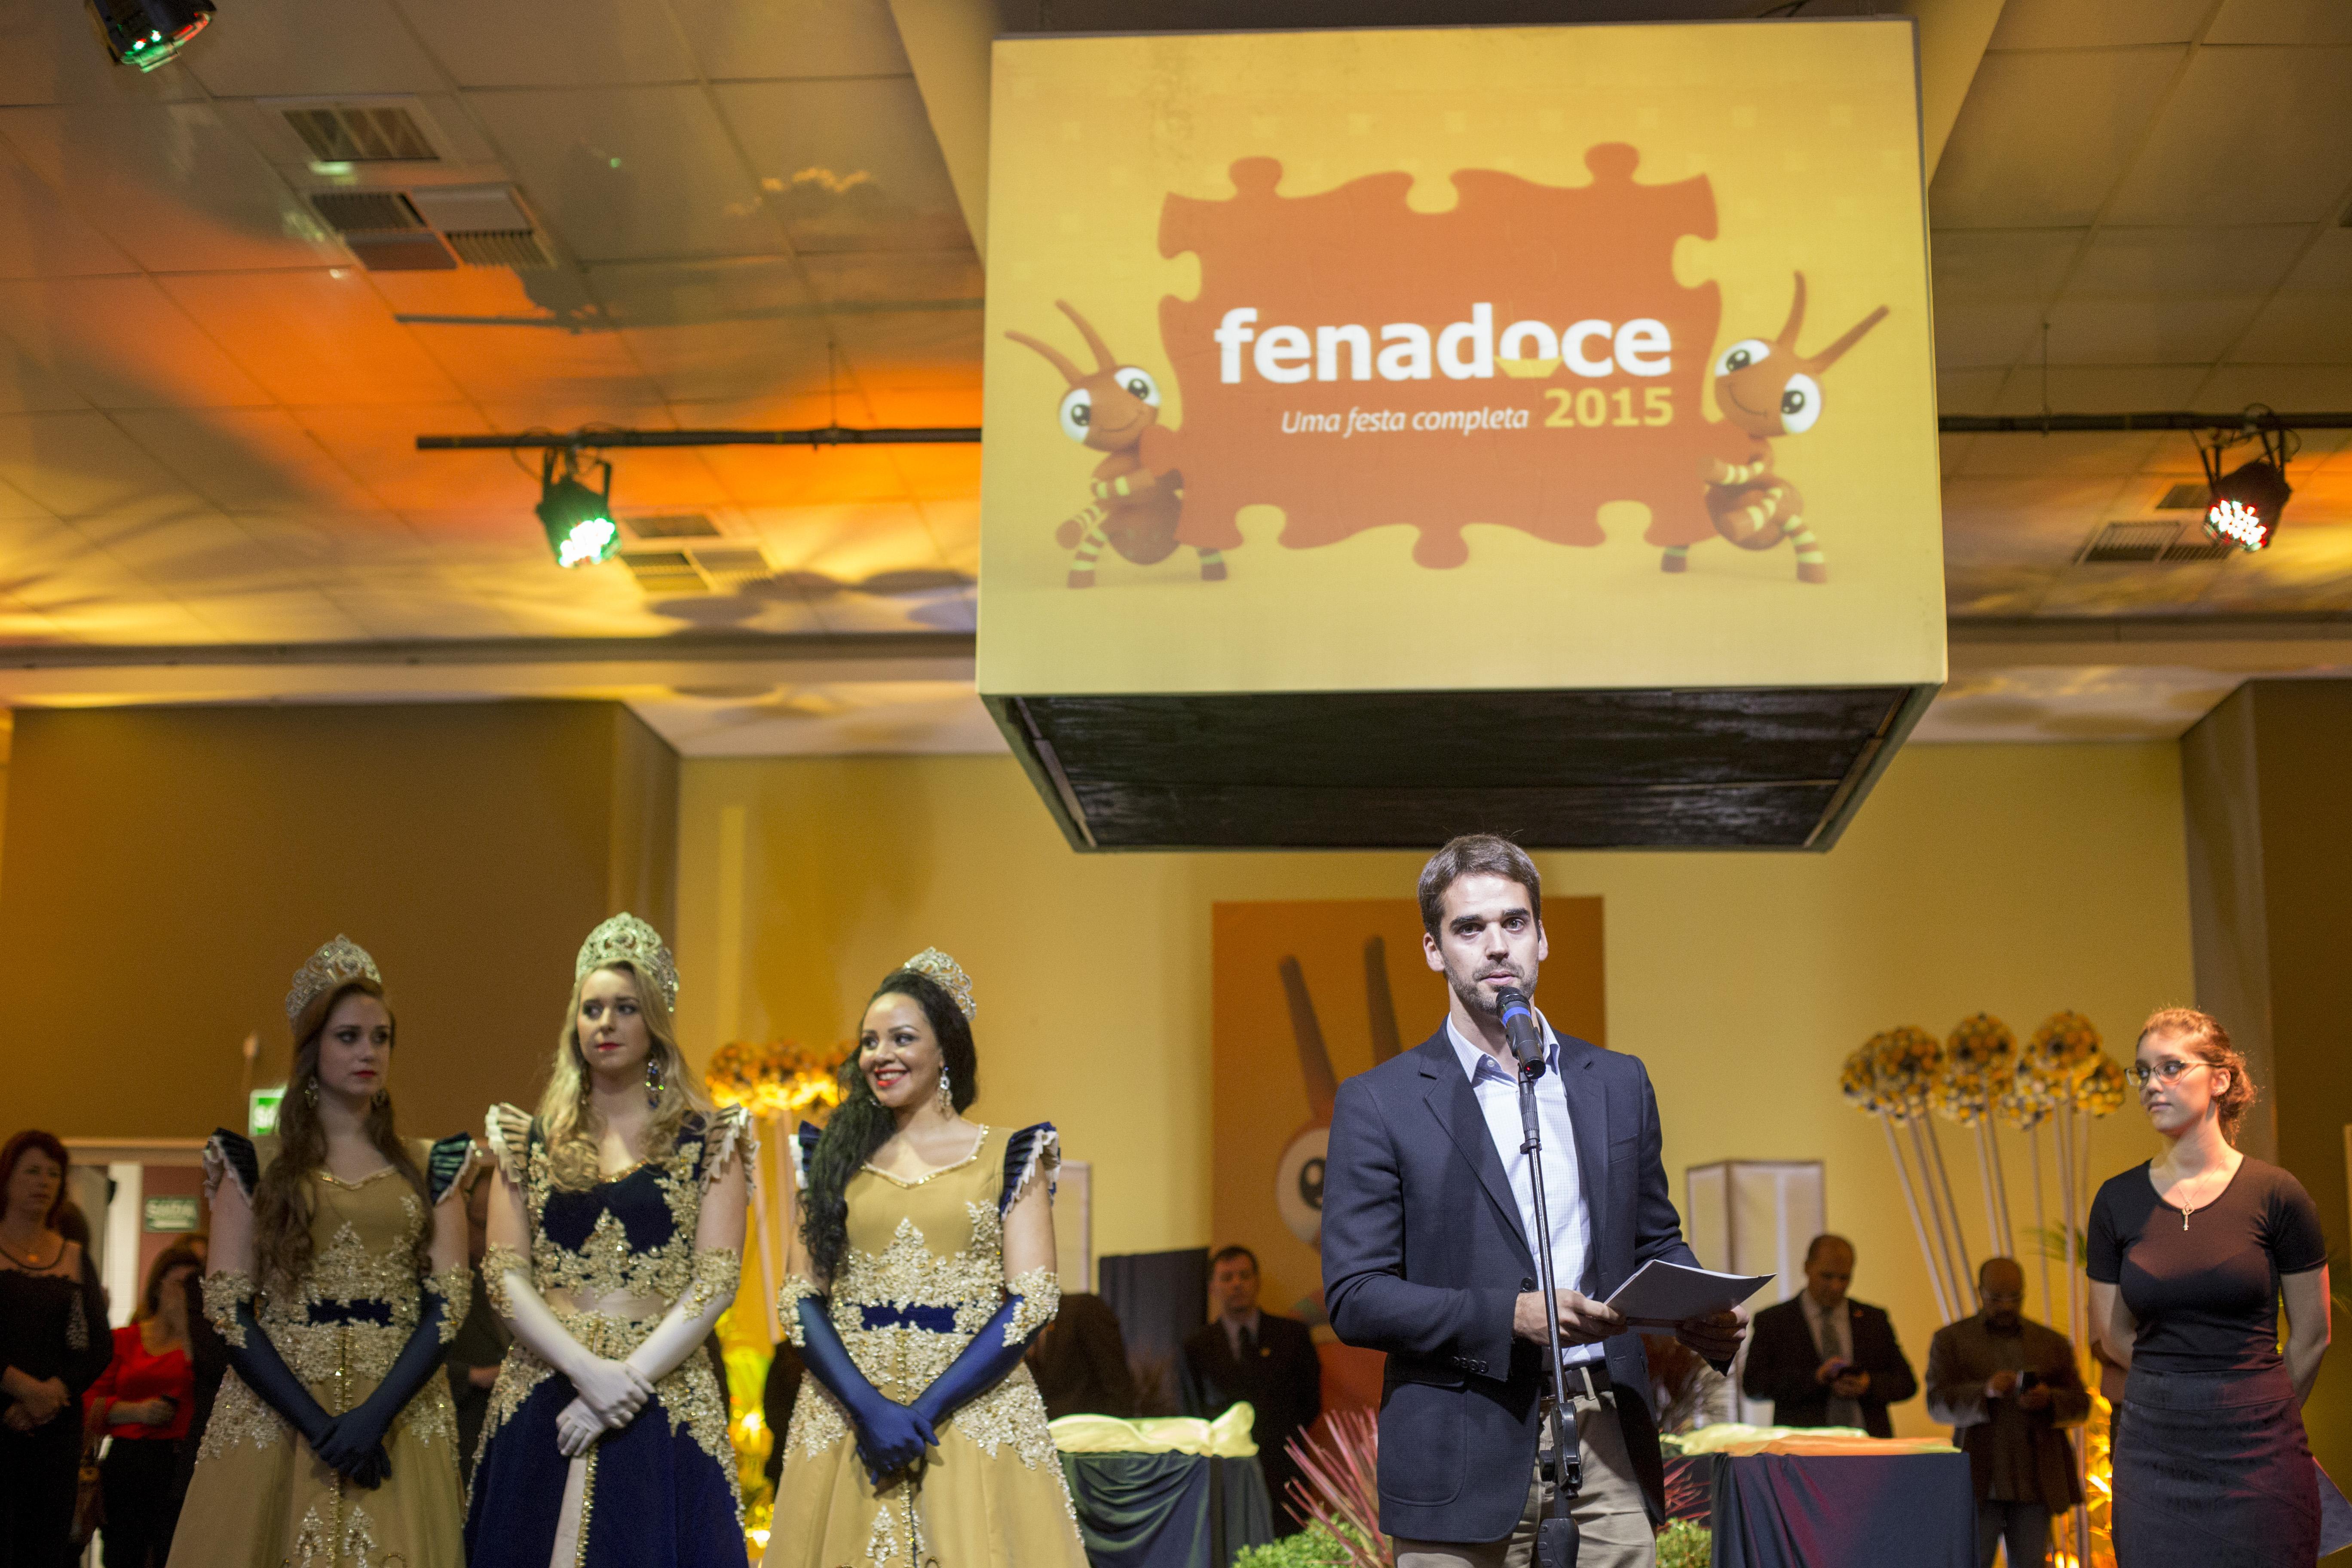 23ª Fenadoce é apresentada em Pelotas